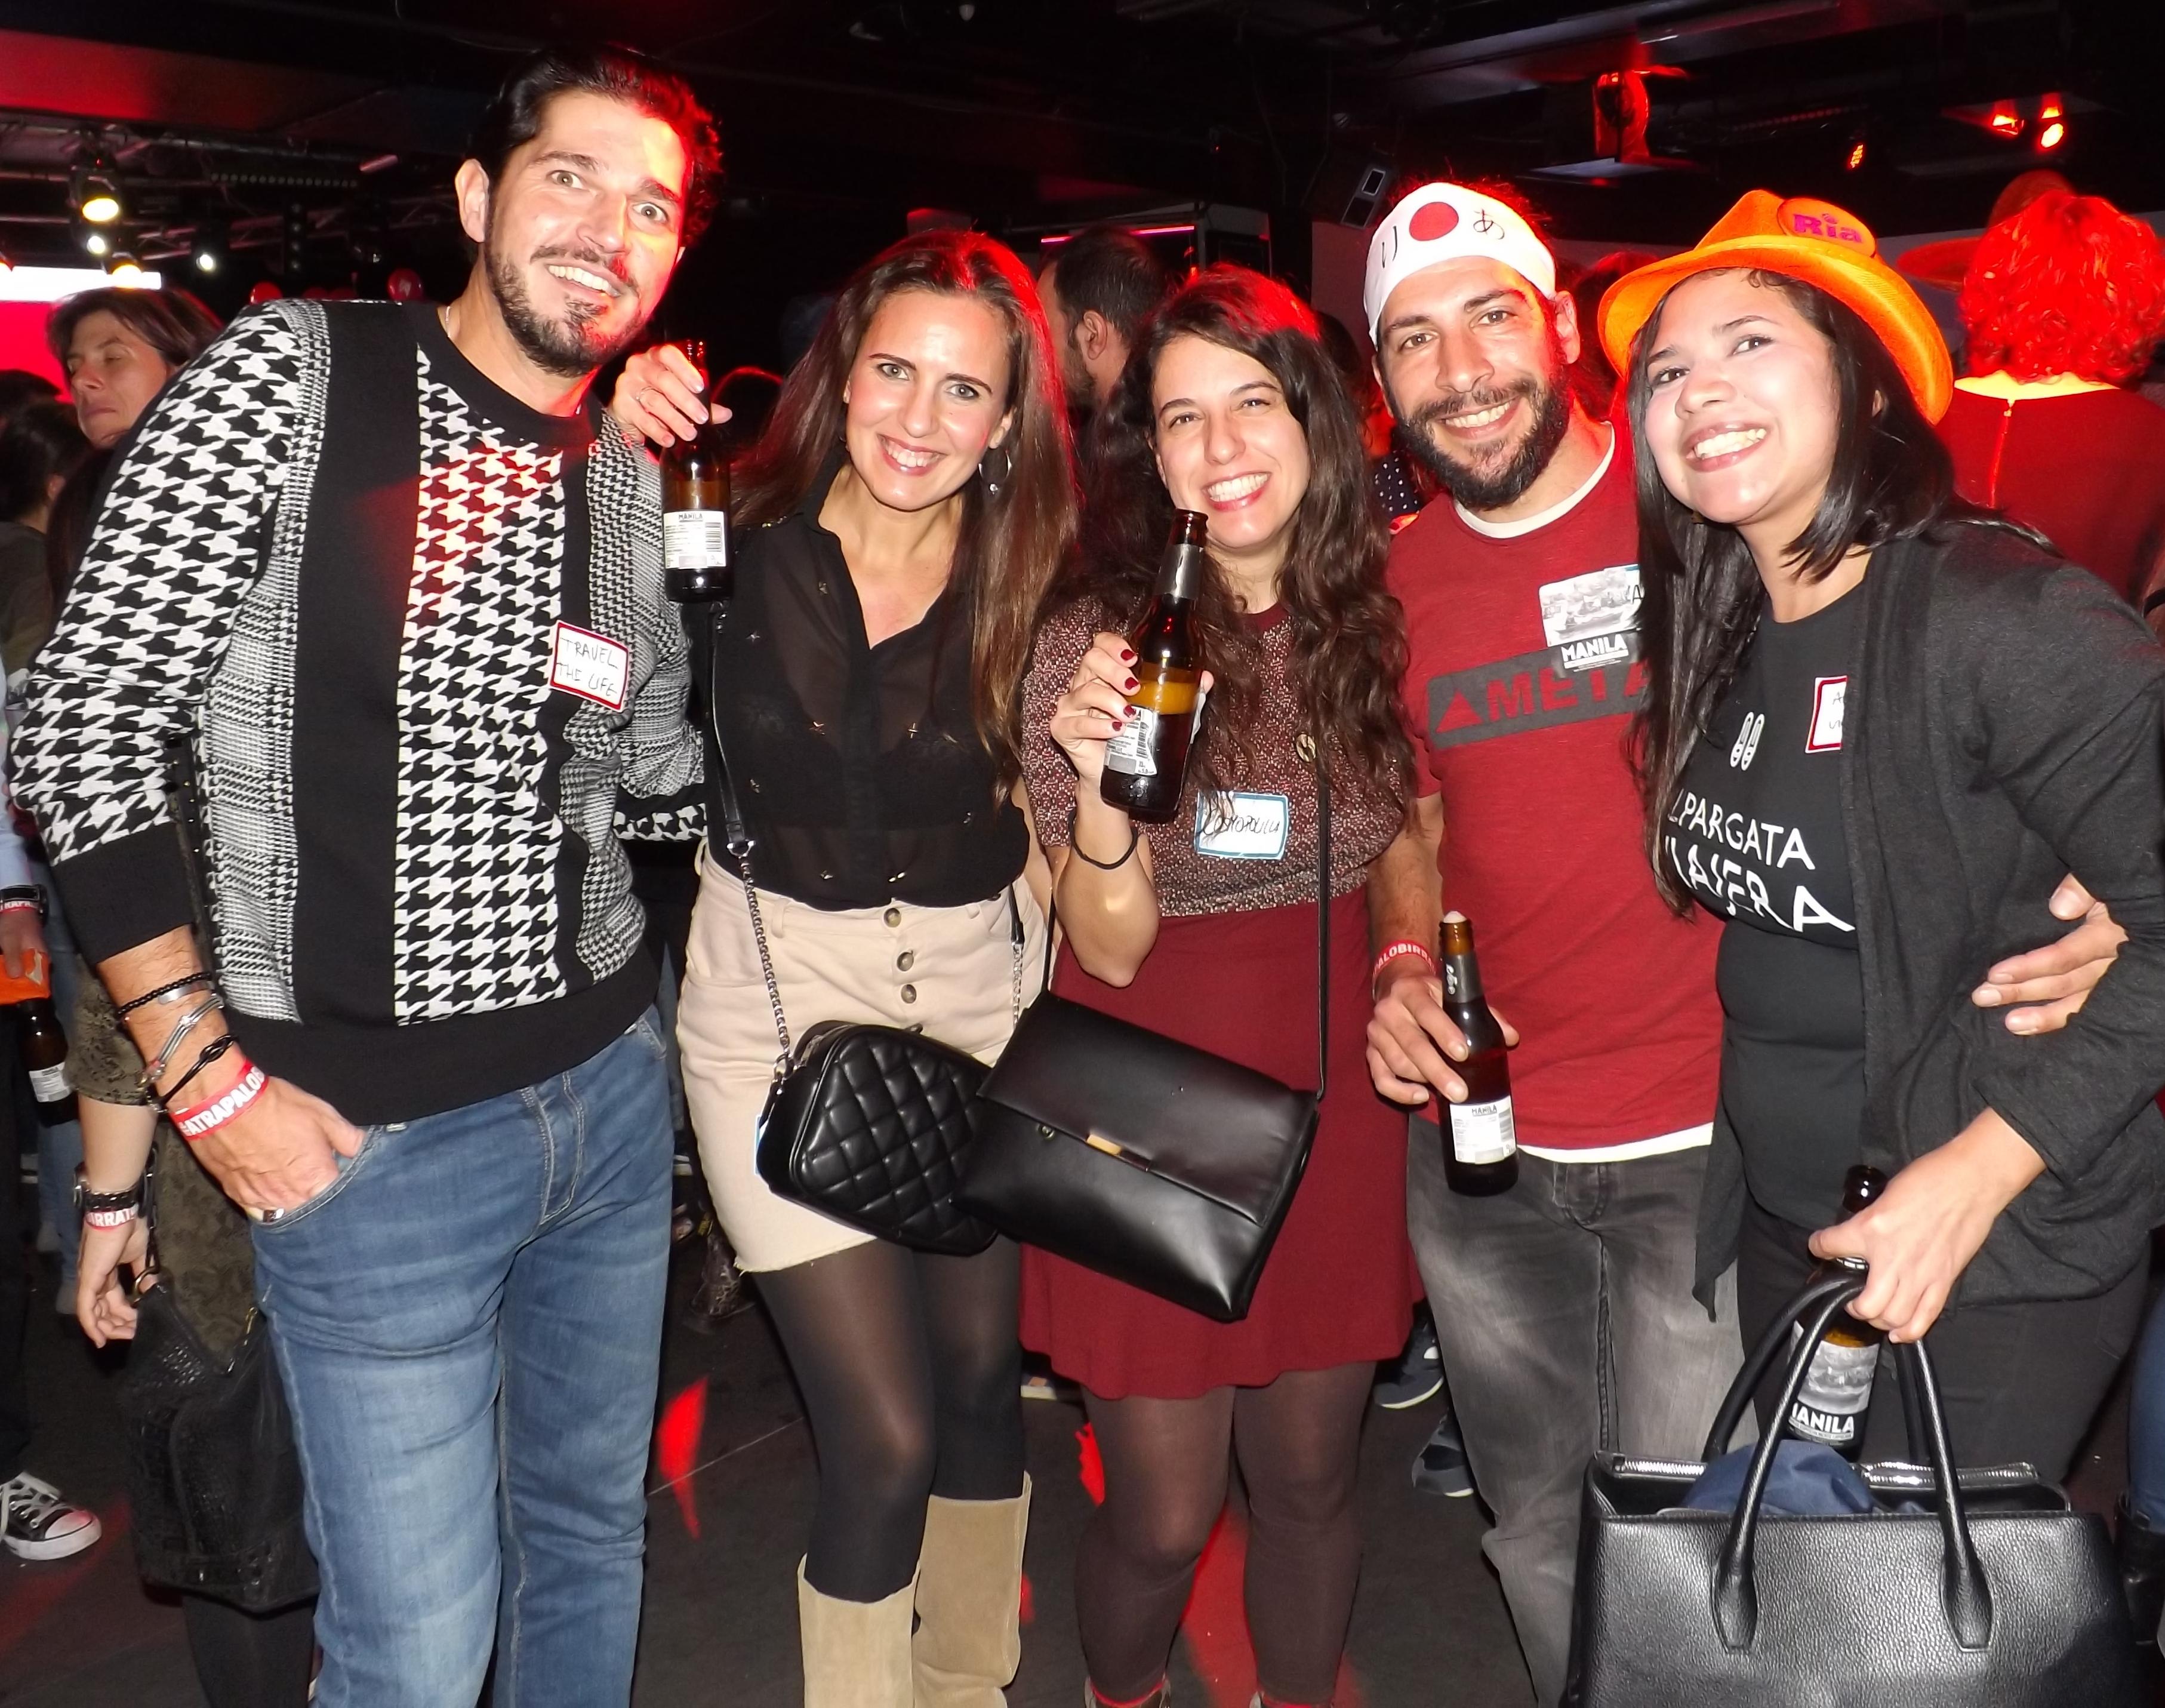 Birratour: La noche de los bloggers de viaje